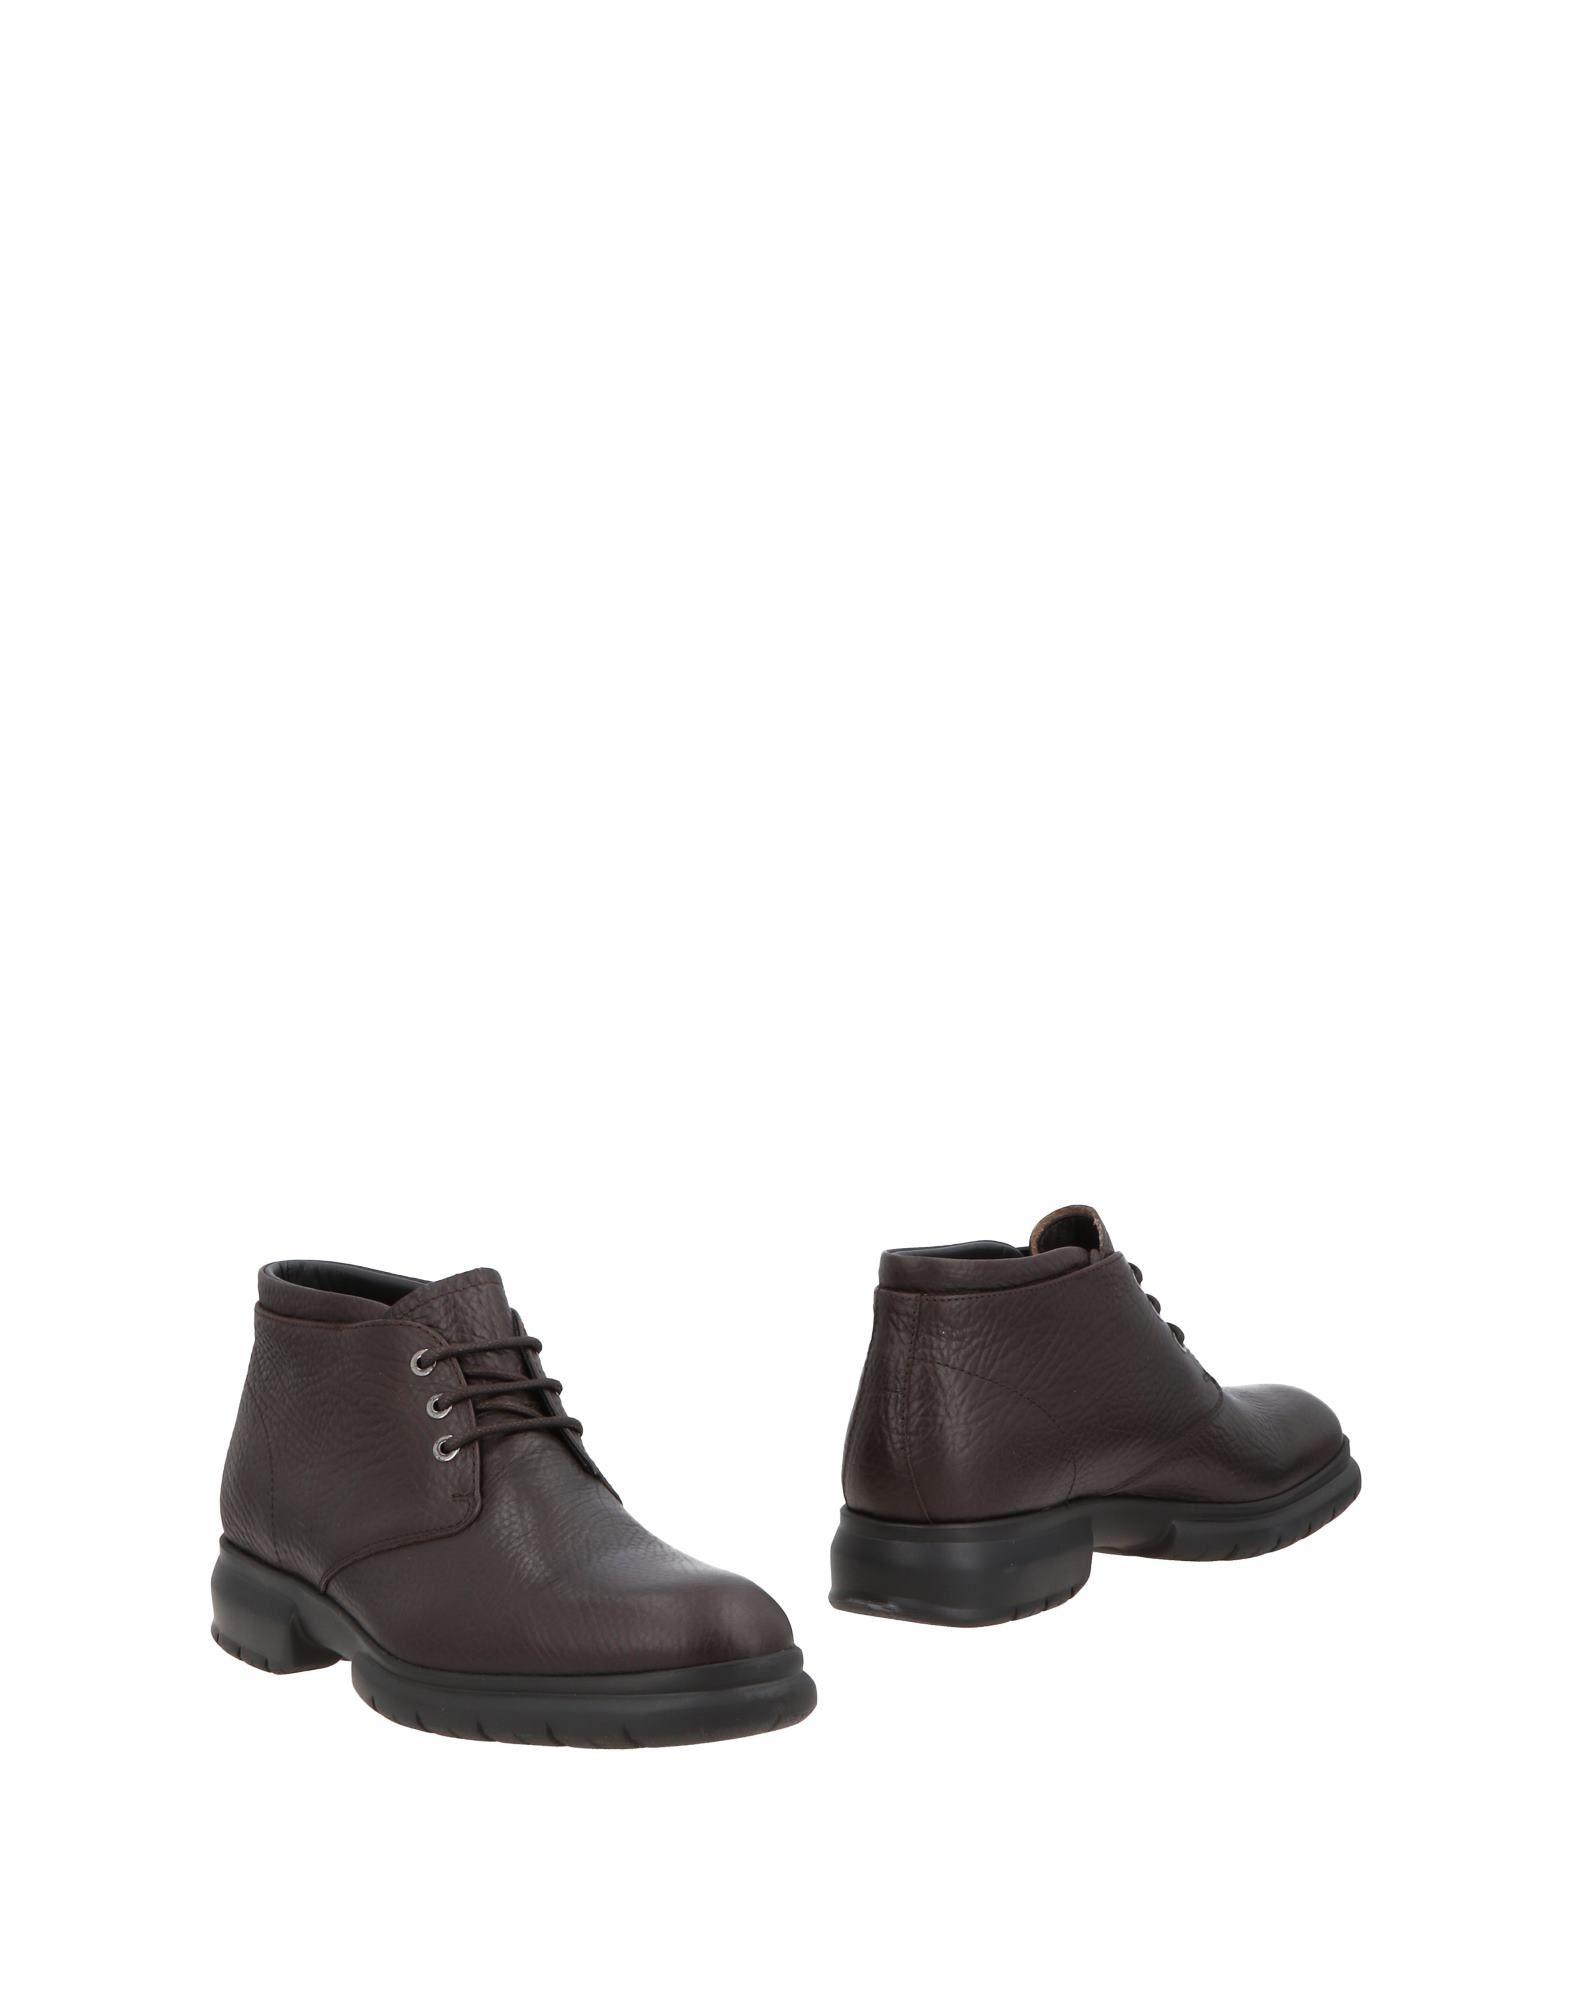 Salvatore Ferragamo Stiefelette Herren  11499676MP Gute Qualität beliebte Schuhe